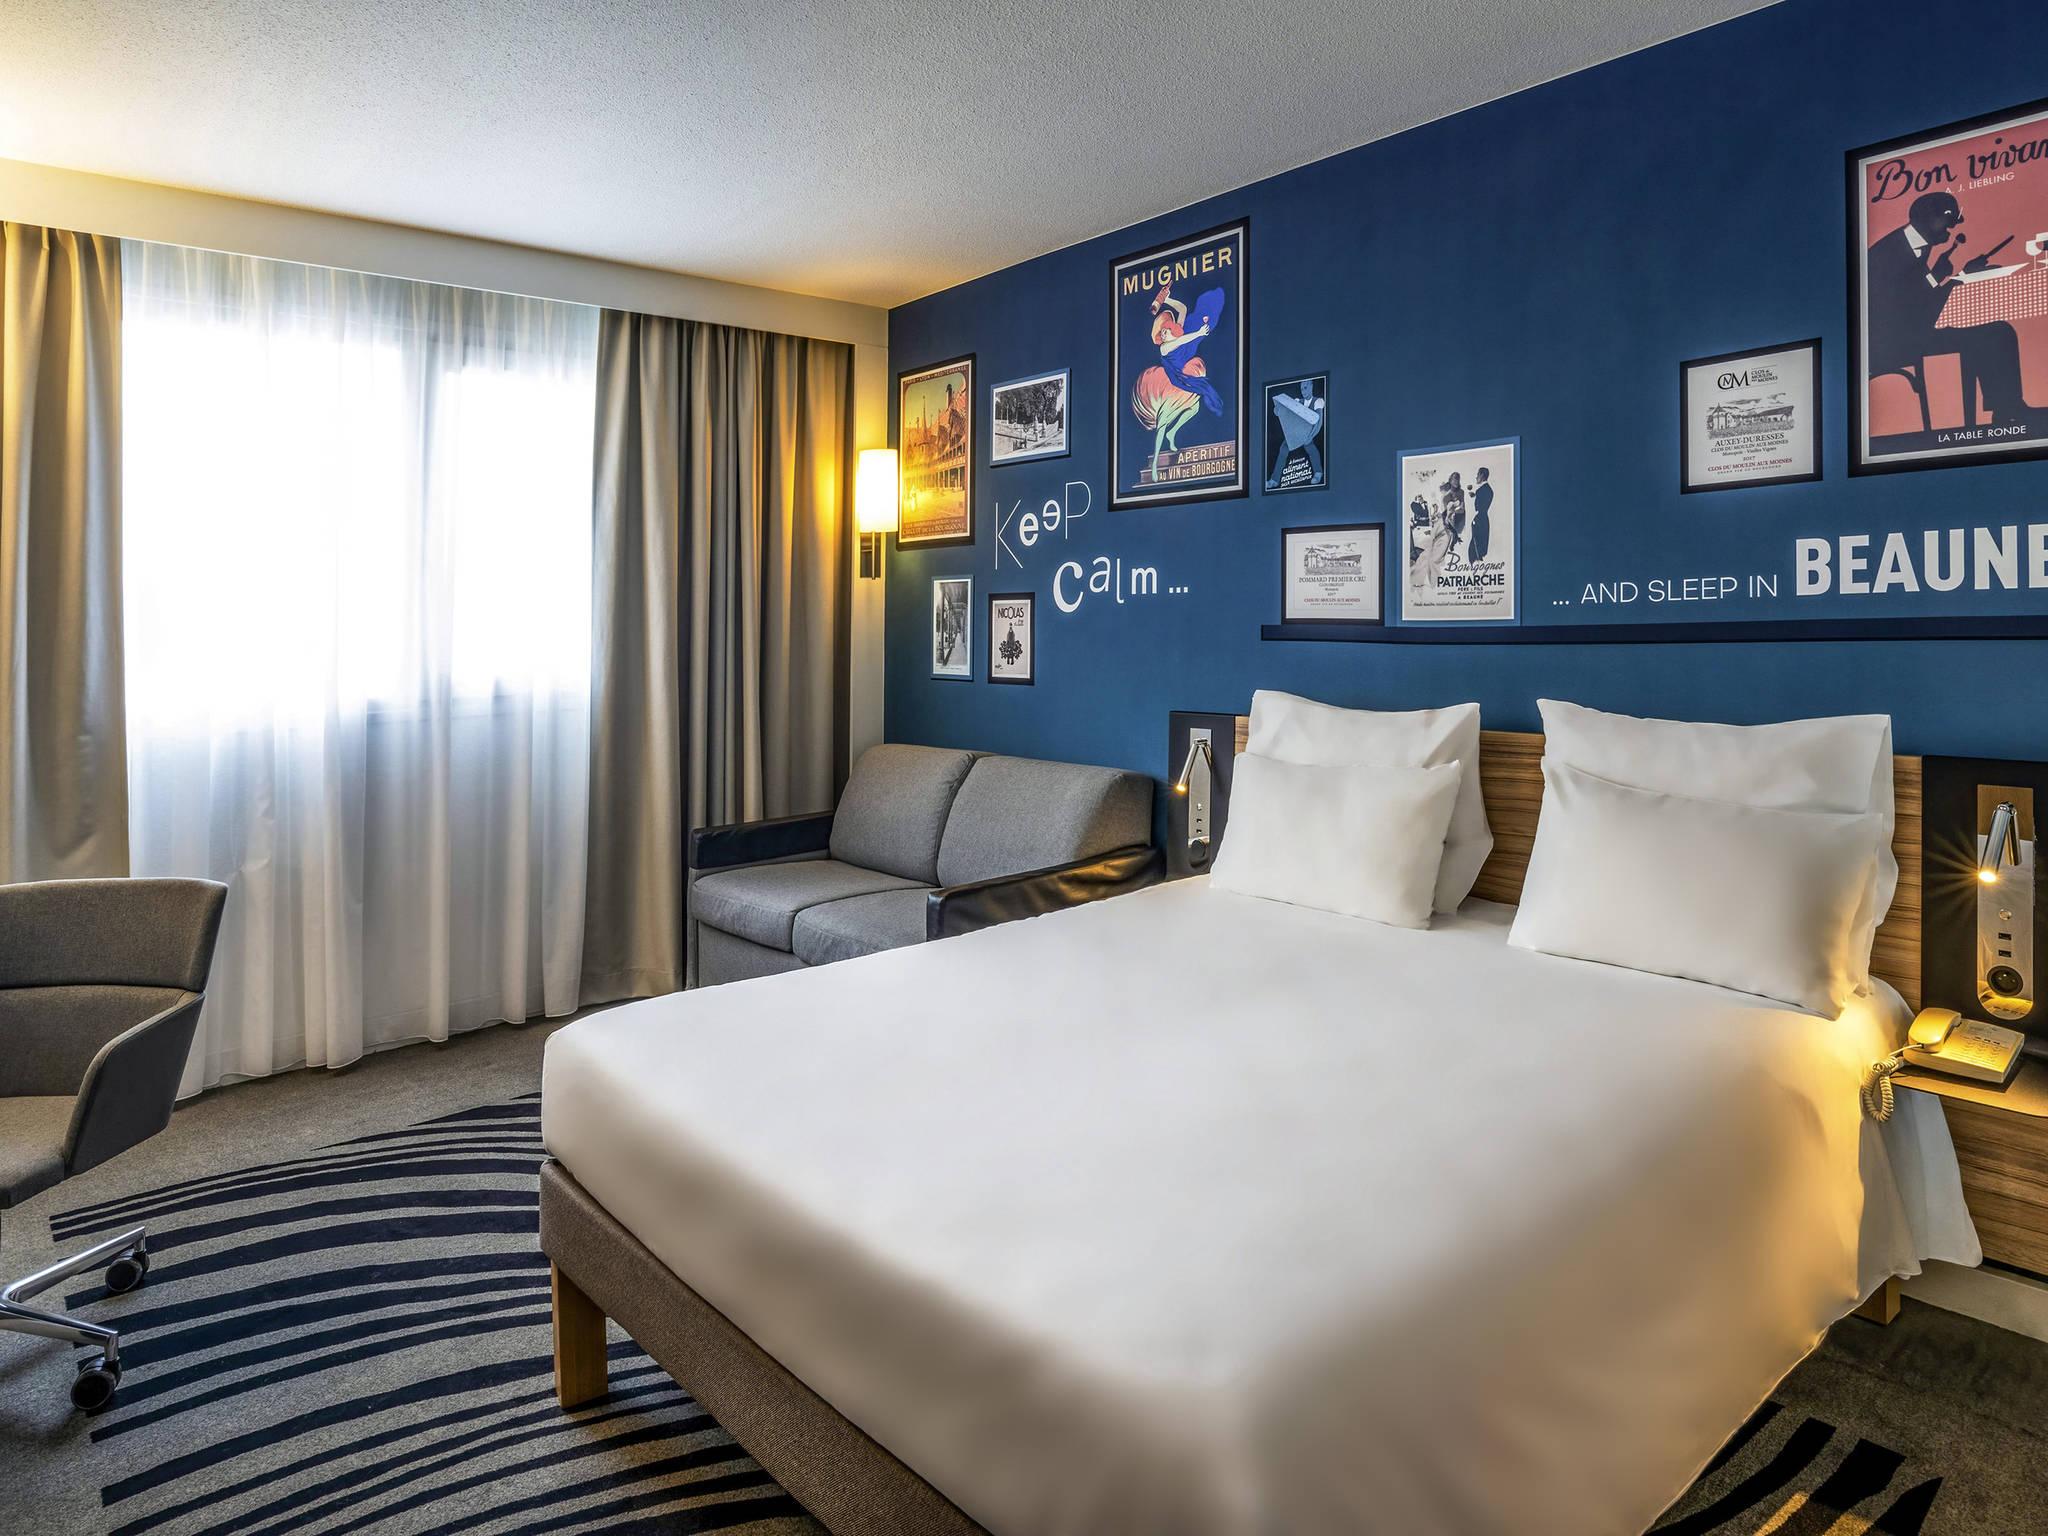 โรงแรม – Novotel Beaune